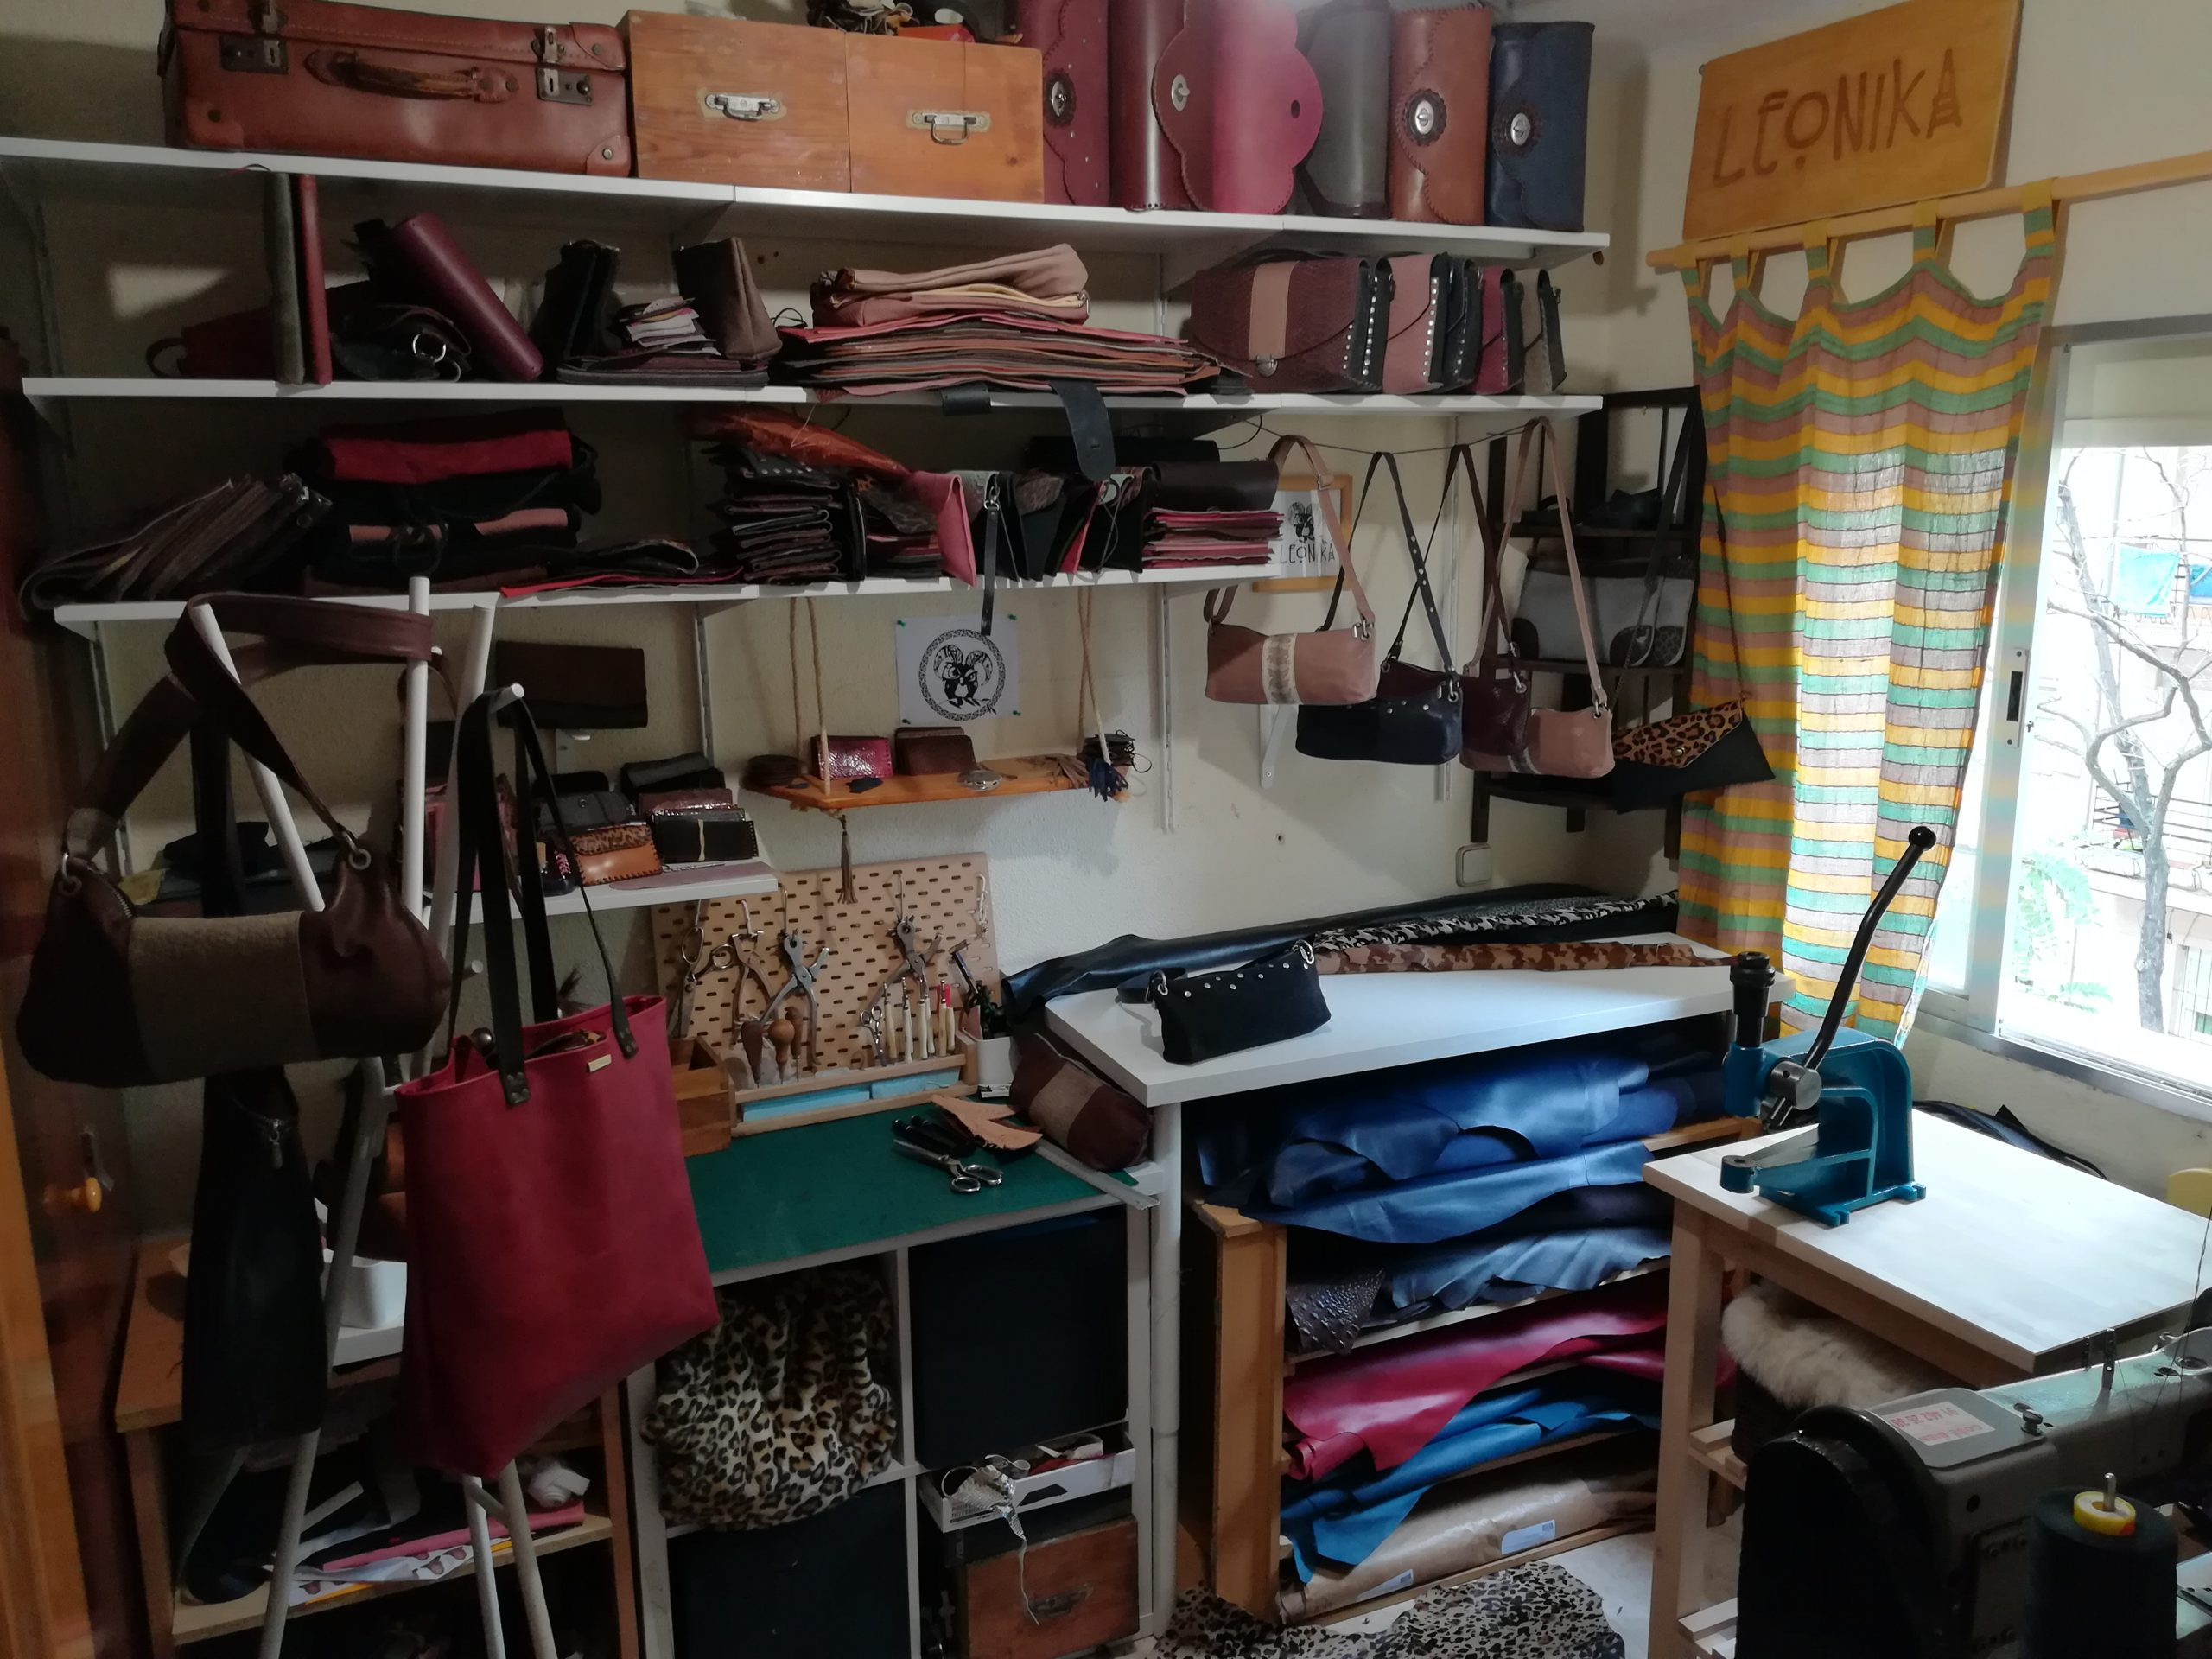 elaboración artesanal Leonika piel, taller de piel artesano Leonika, artesanas DOS